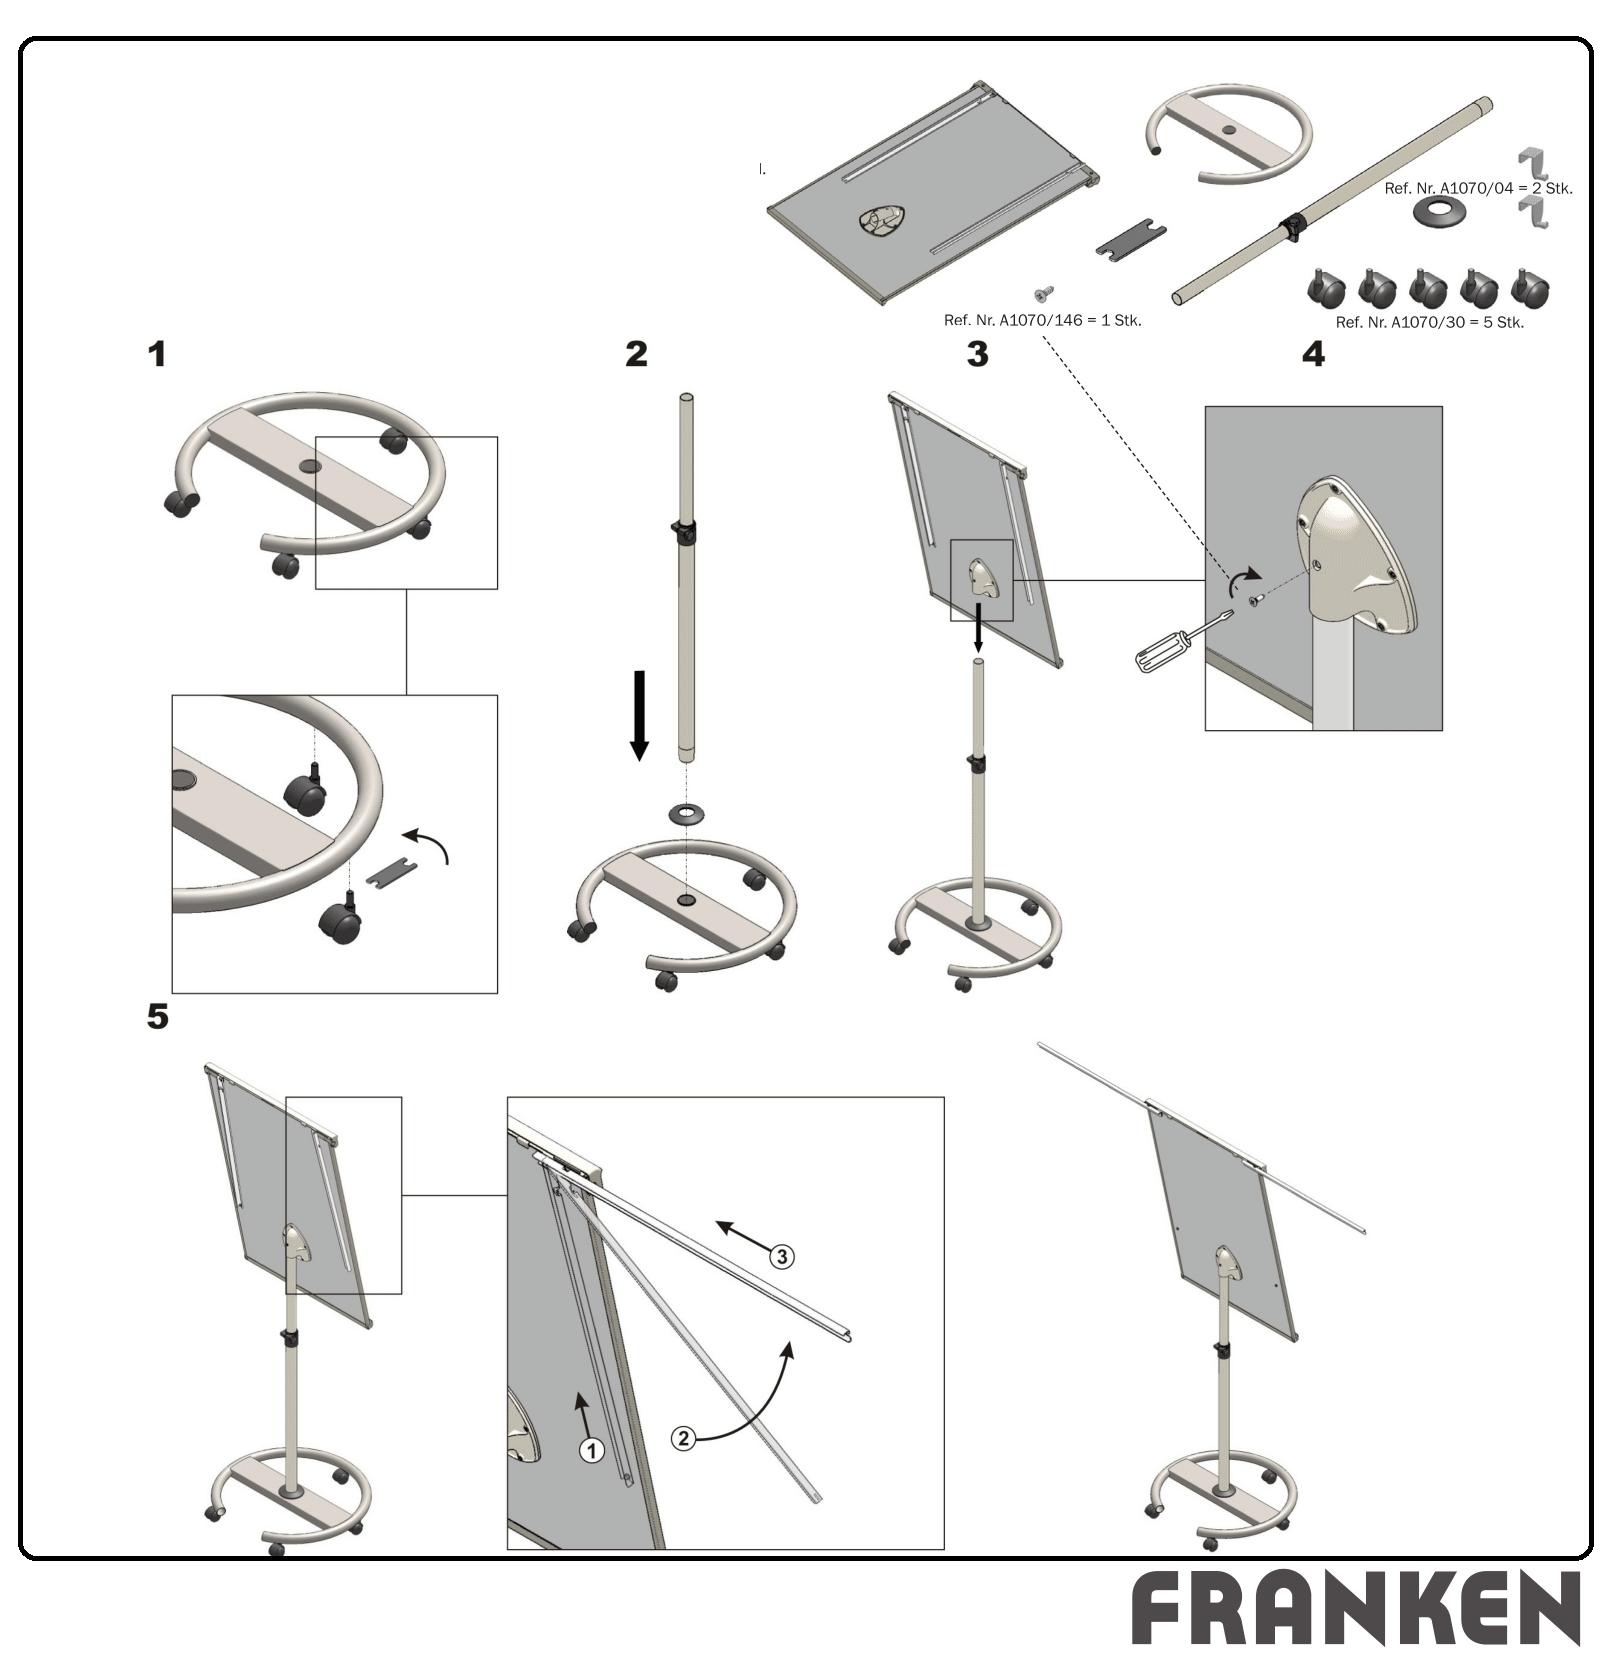 Descriere Flipchart magnetic, mobil, cu brate extensibile, 68 x 105cm, FRANKEN ECOSerie Mobil